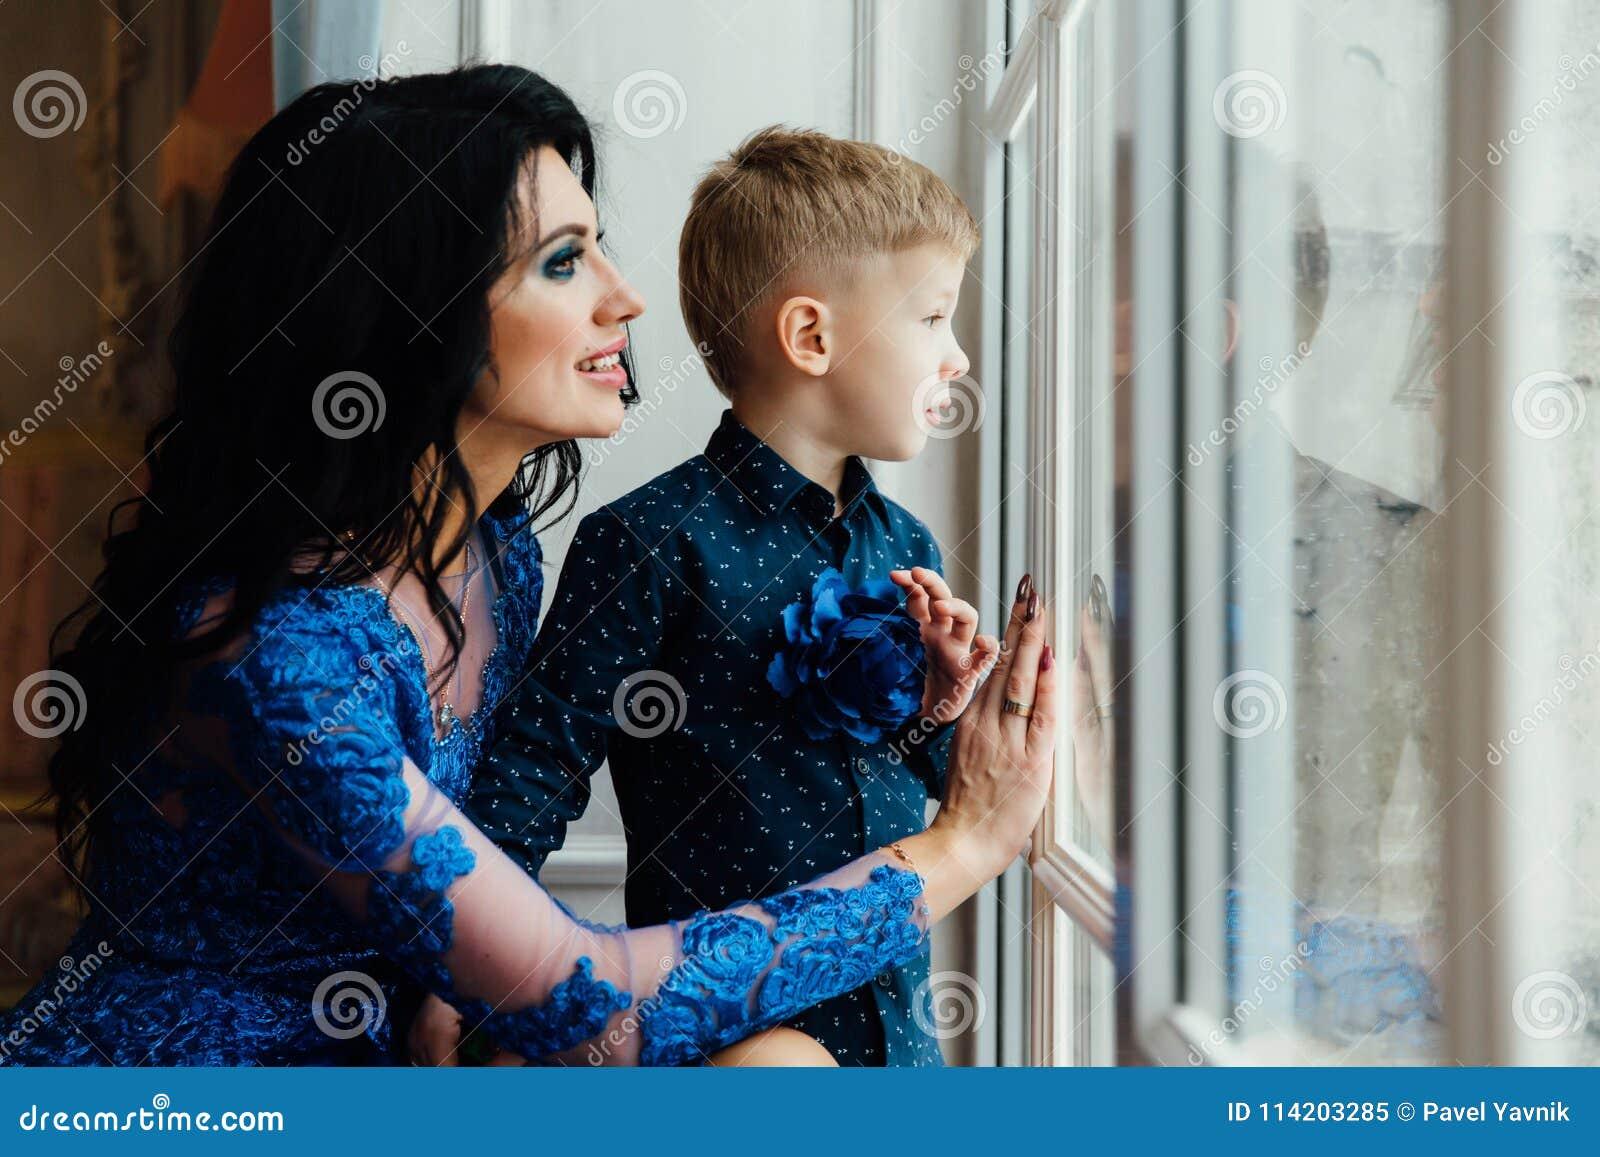 Μητέρα και γιος μαζί κοντά στο μεγάλο παράθυρο